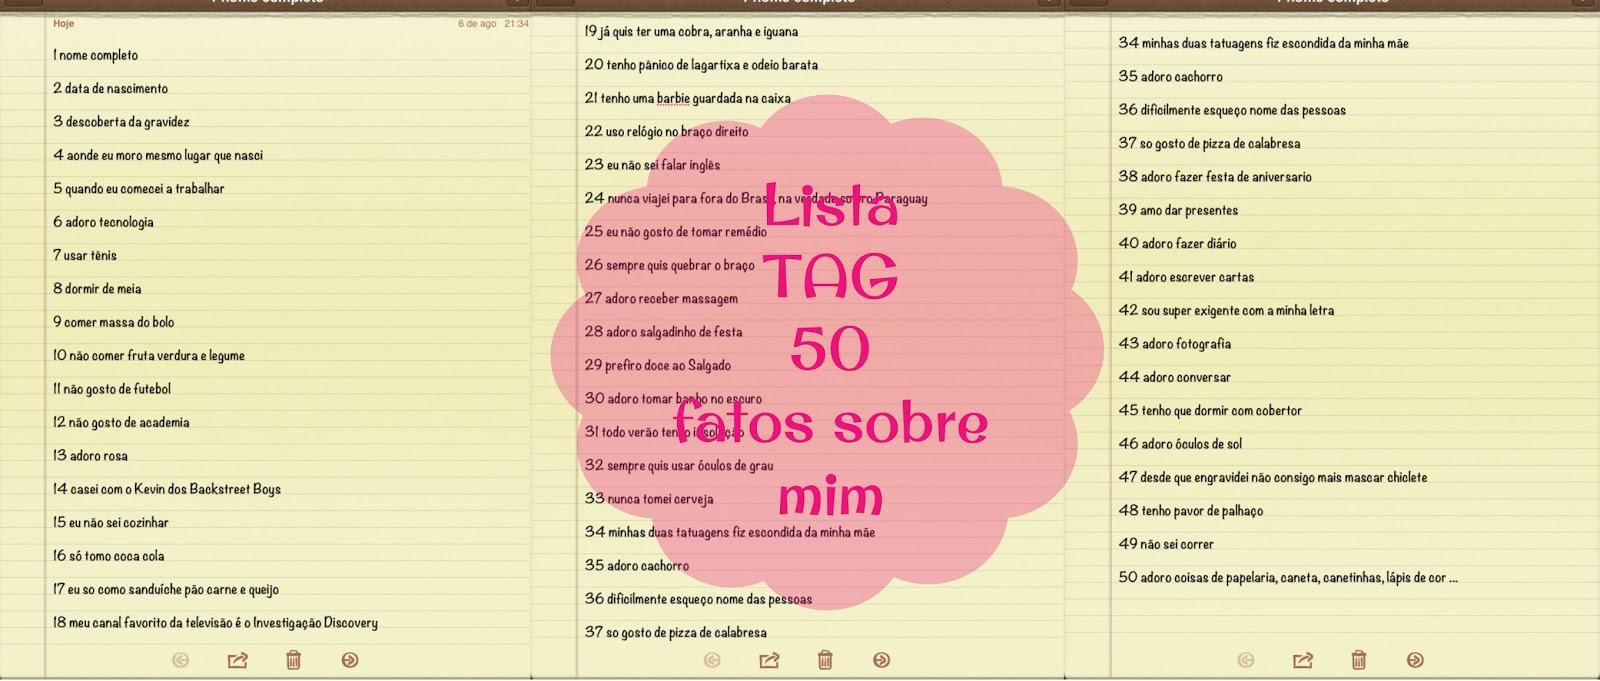 lista para tag 50 fatos sobre mim blog Mamãe de Salto ==> todos os direitos reservados